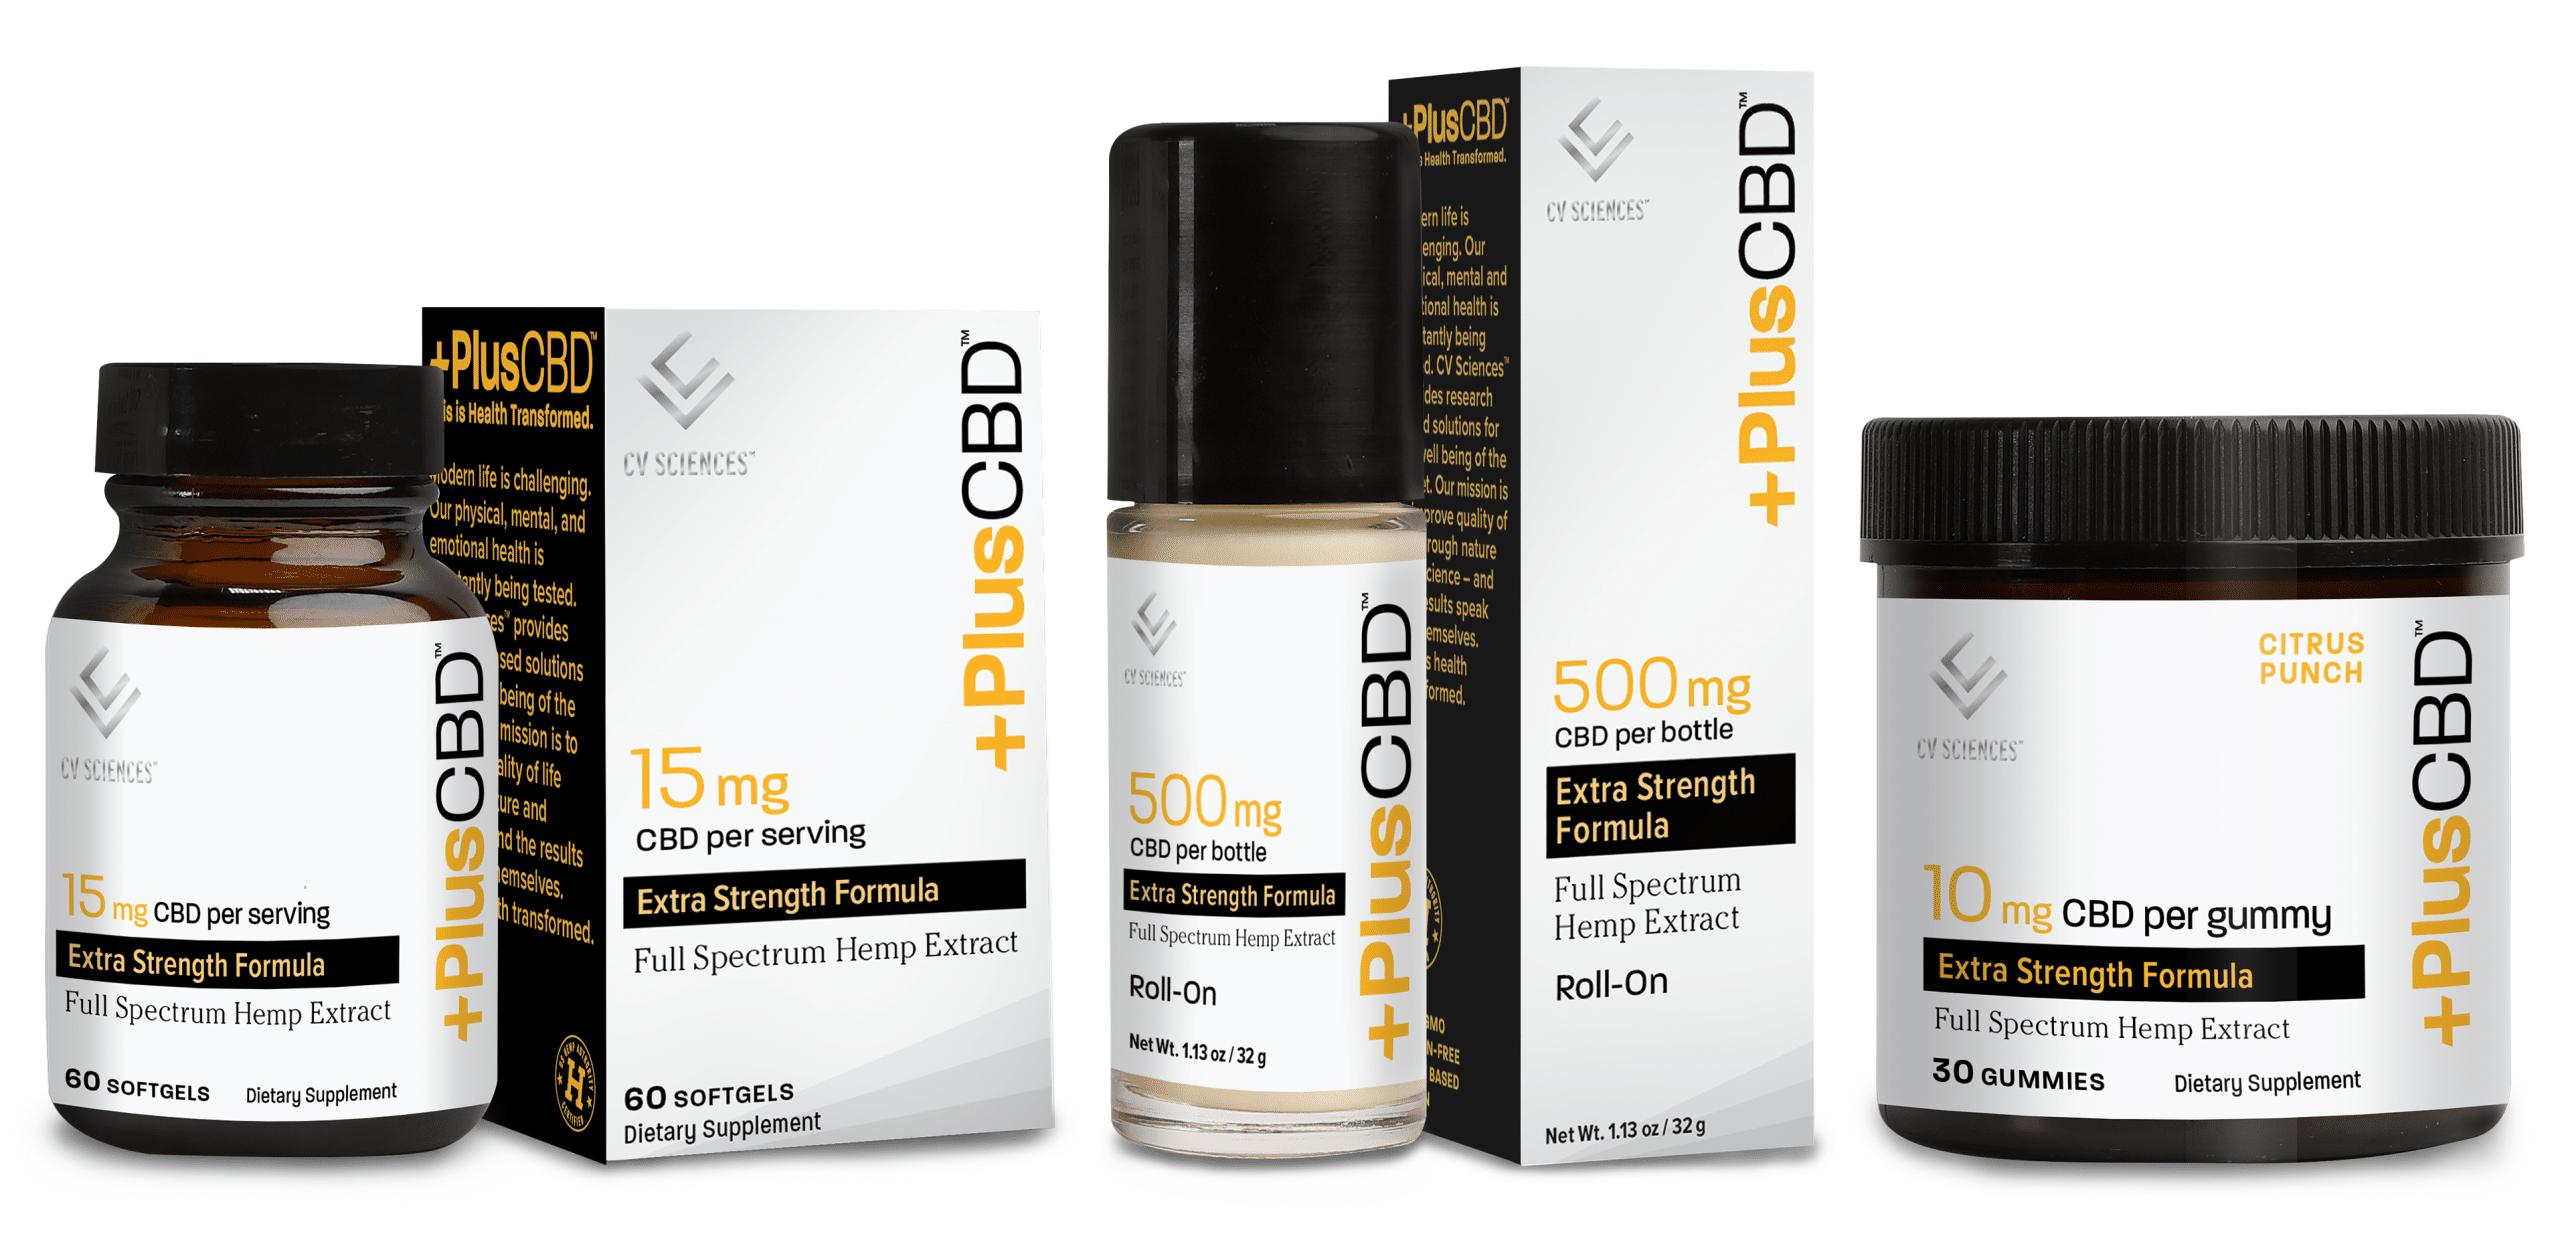 plus cbd products